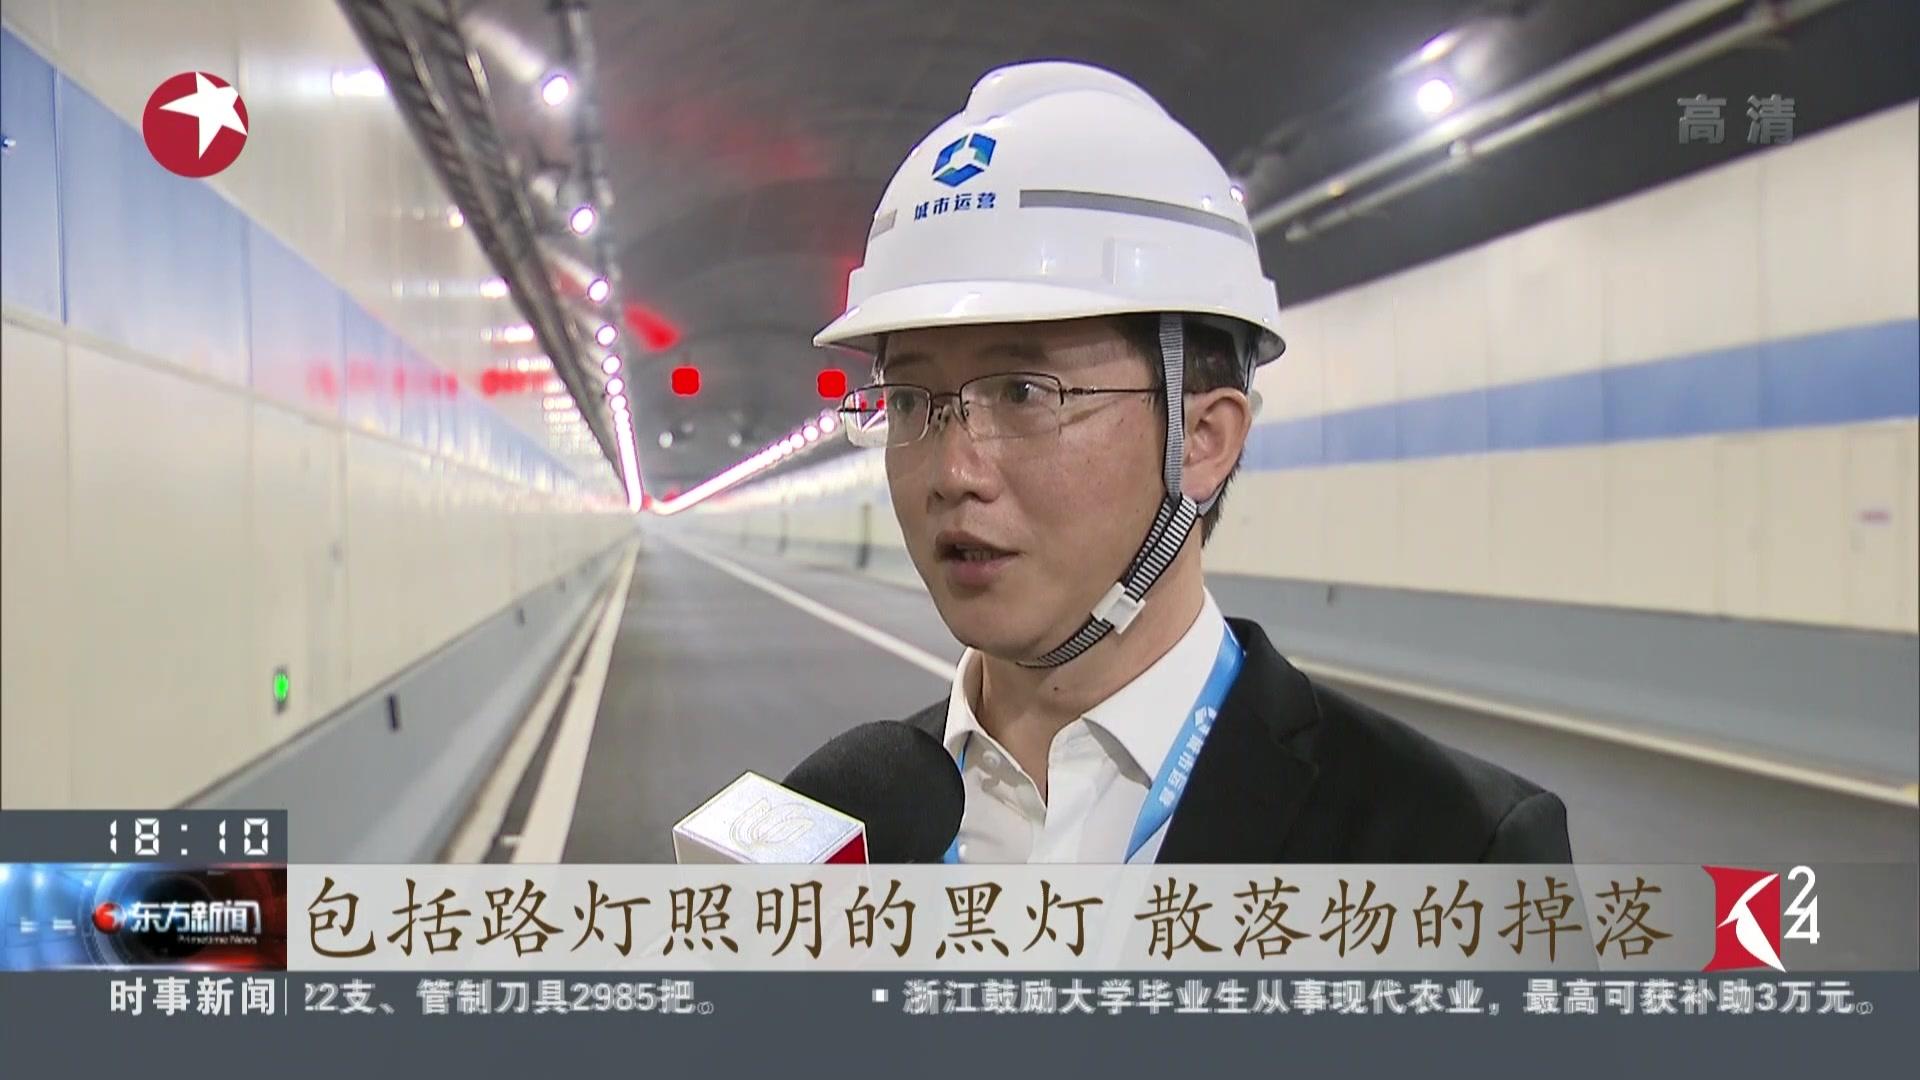 上海城建:发布城市运行全生命周期自动管控解决方案